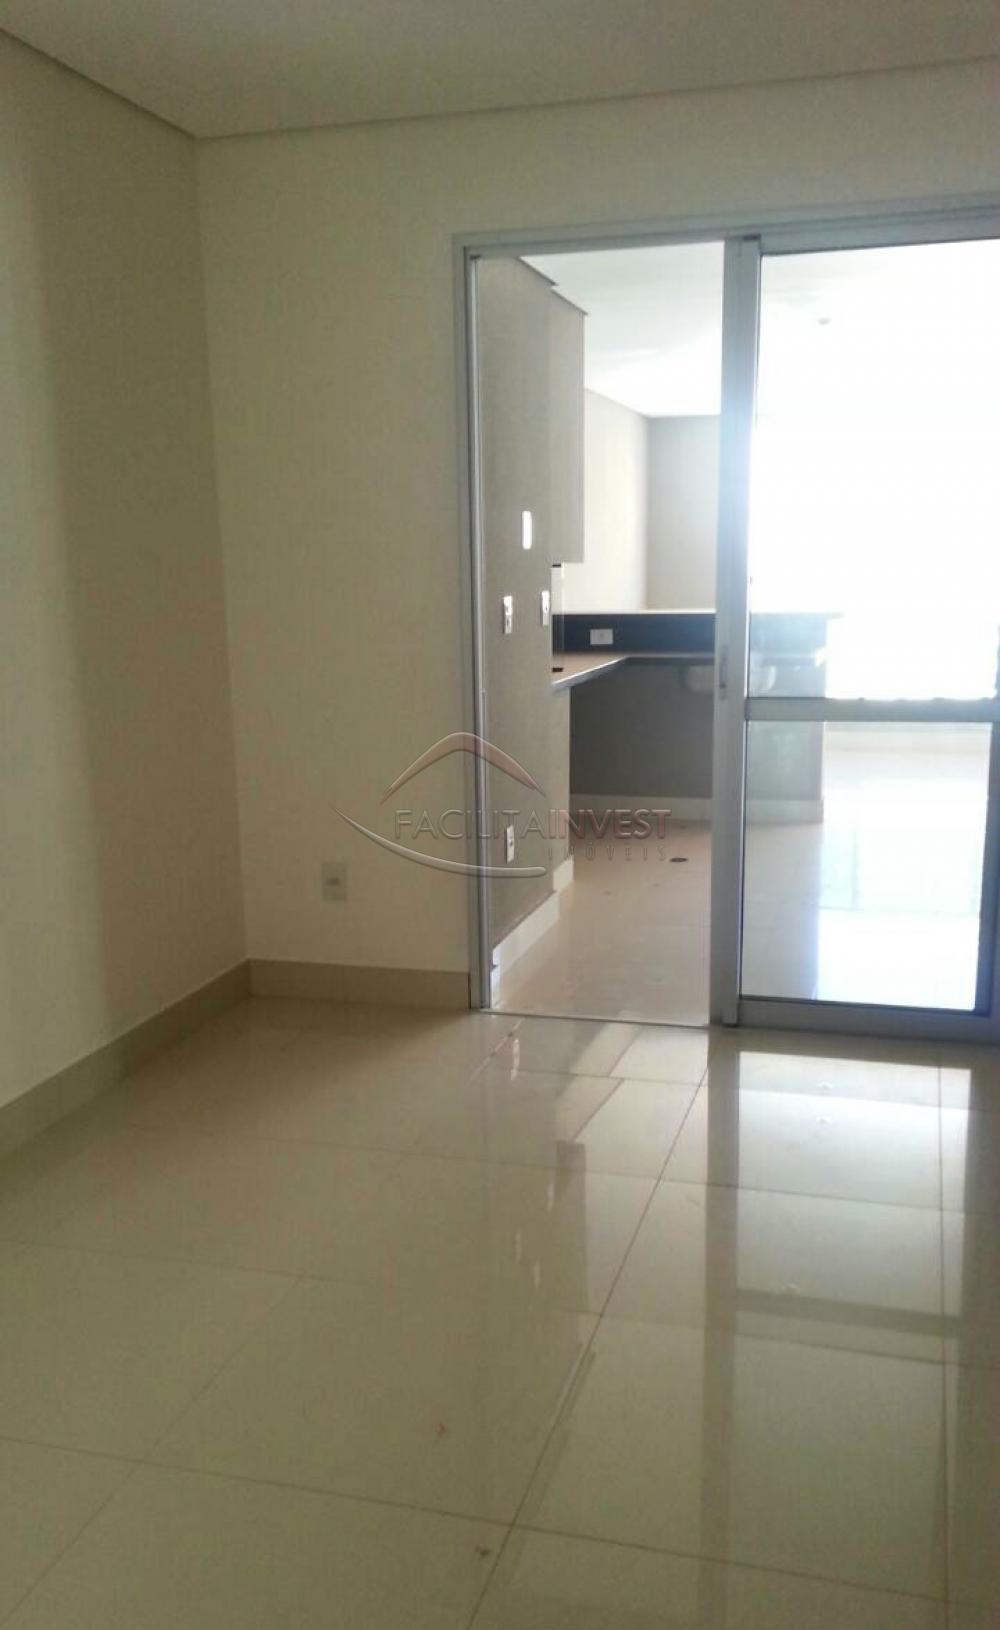 Comprar Apartamentos / Apart. Padrão em Ribeirão Preto apenas R$ 1.288.977,04 - Foto 11